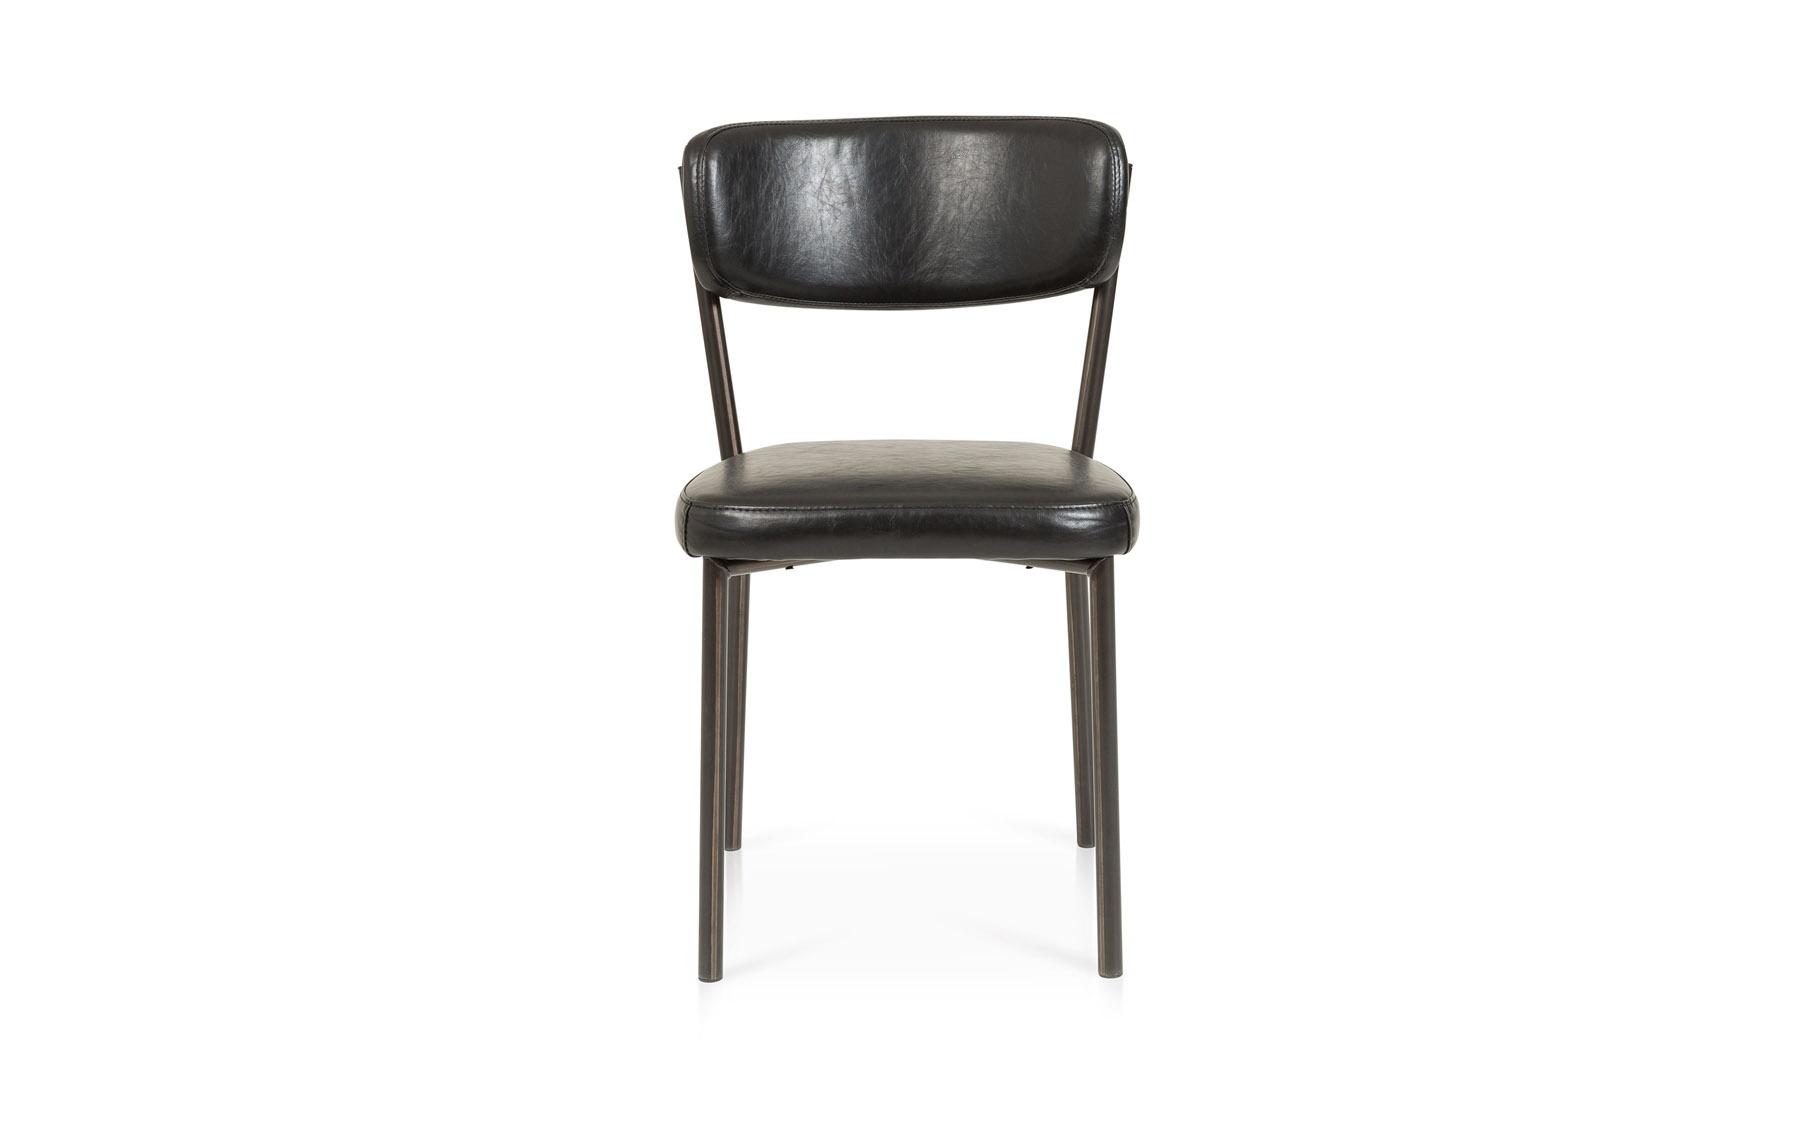 Chaise d291 chaises salles manger la galerie du meuble for 18 rue de la chaise